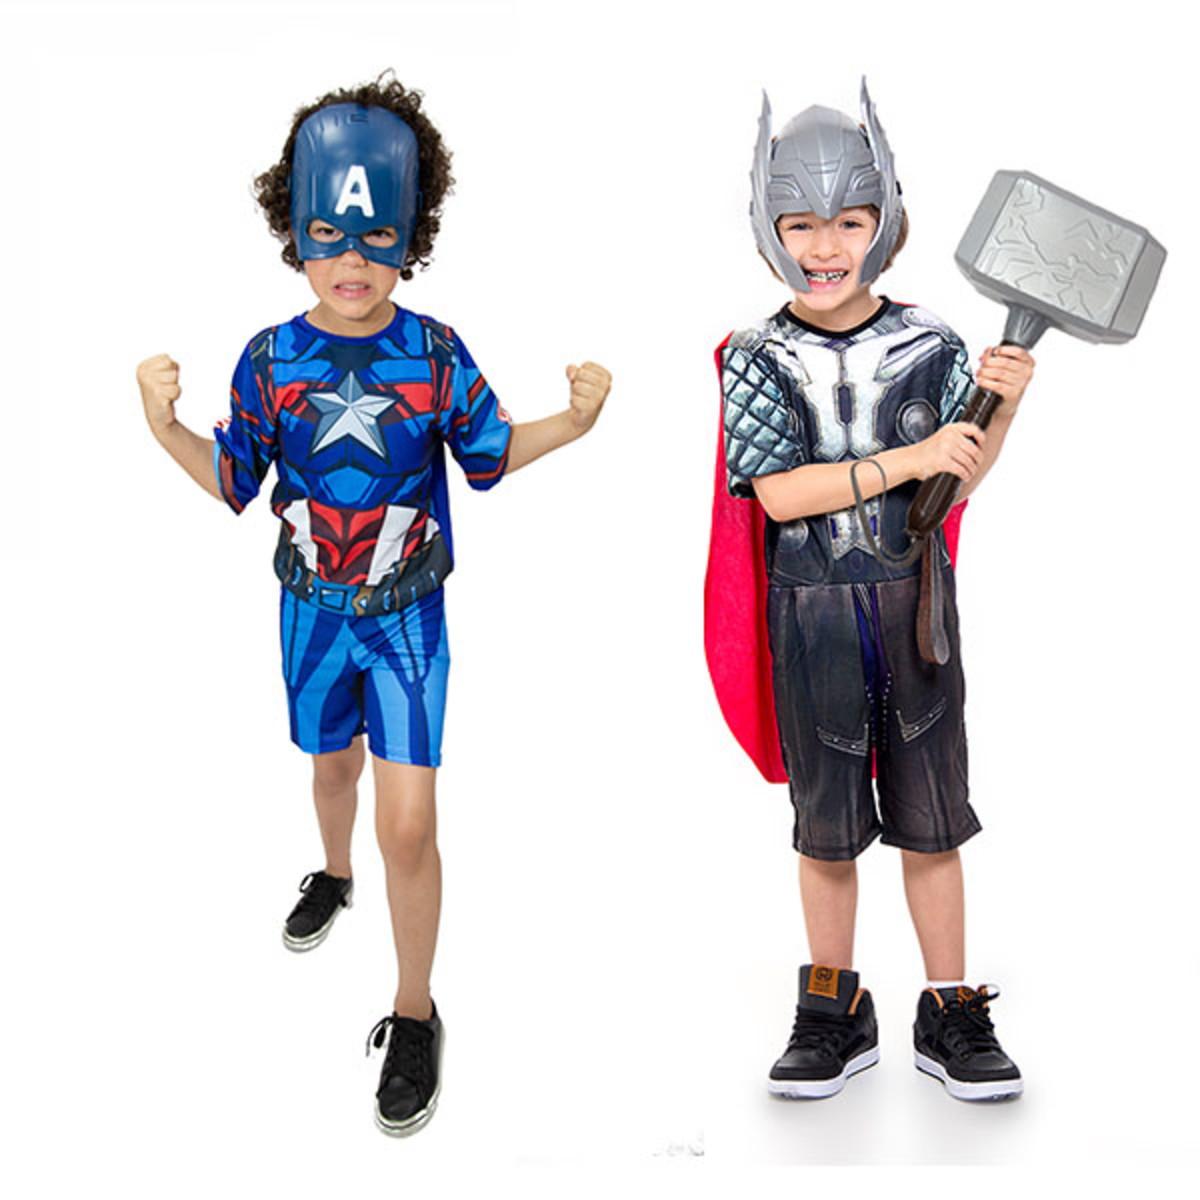 44b5291710 Fantasia Capitão America e Thor Infantil - Kit 2 Fantasias no Elo7 ...